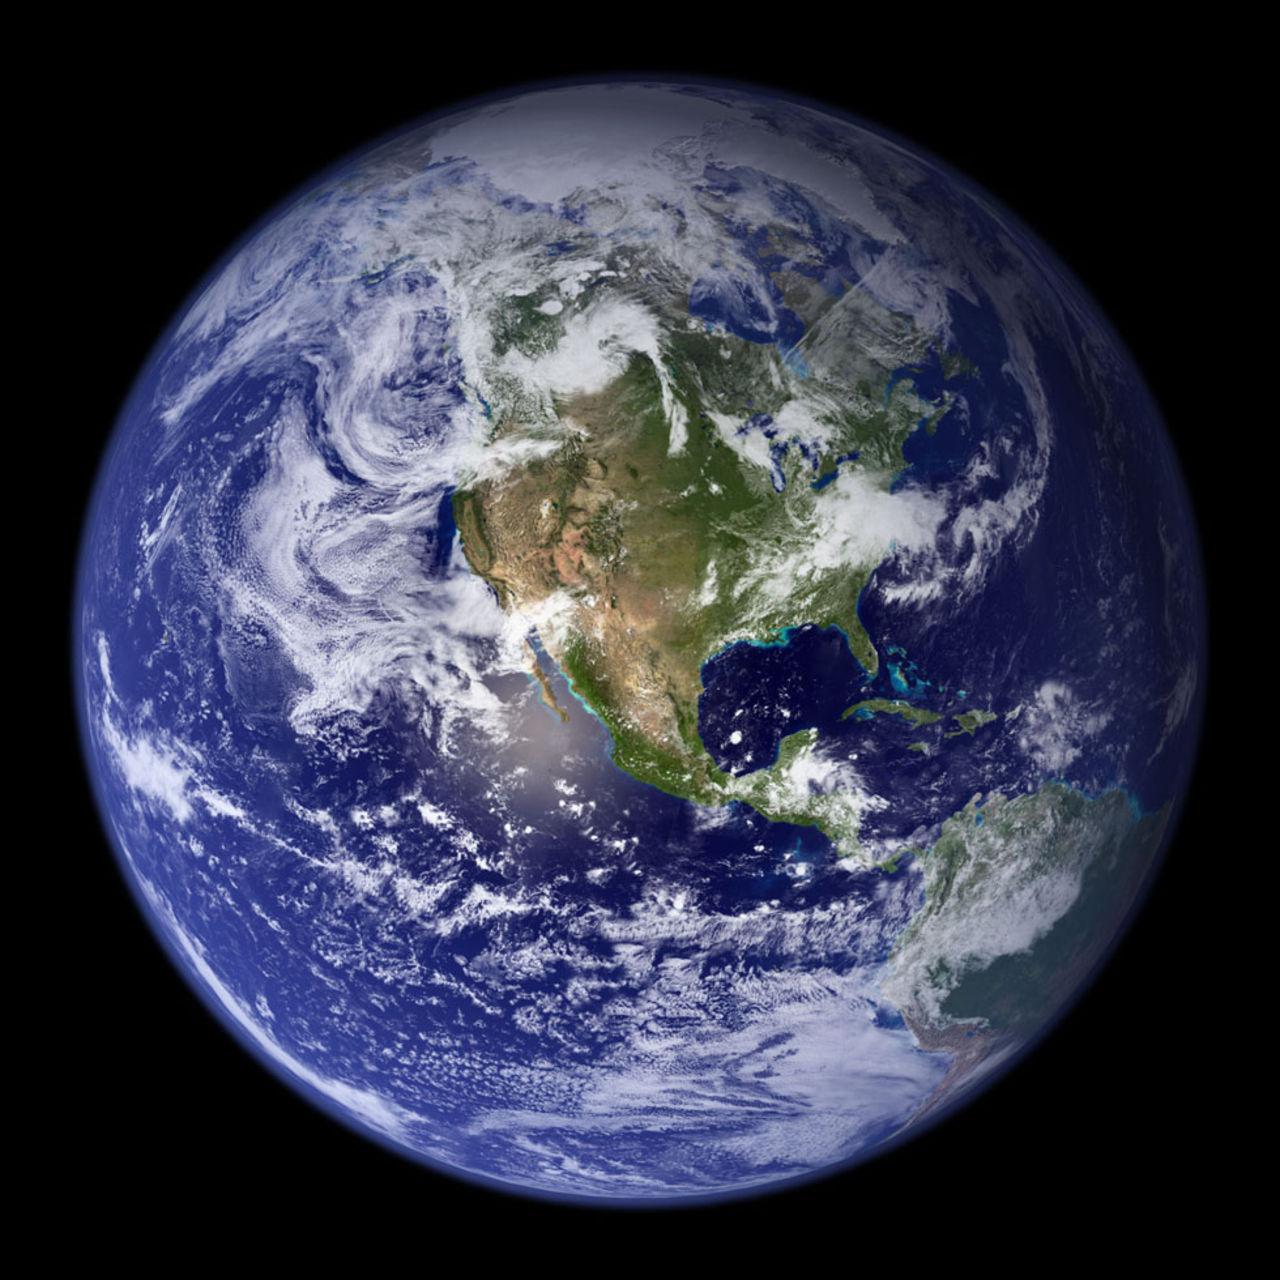 Idag har vi förbrukat jordens resurser för i år